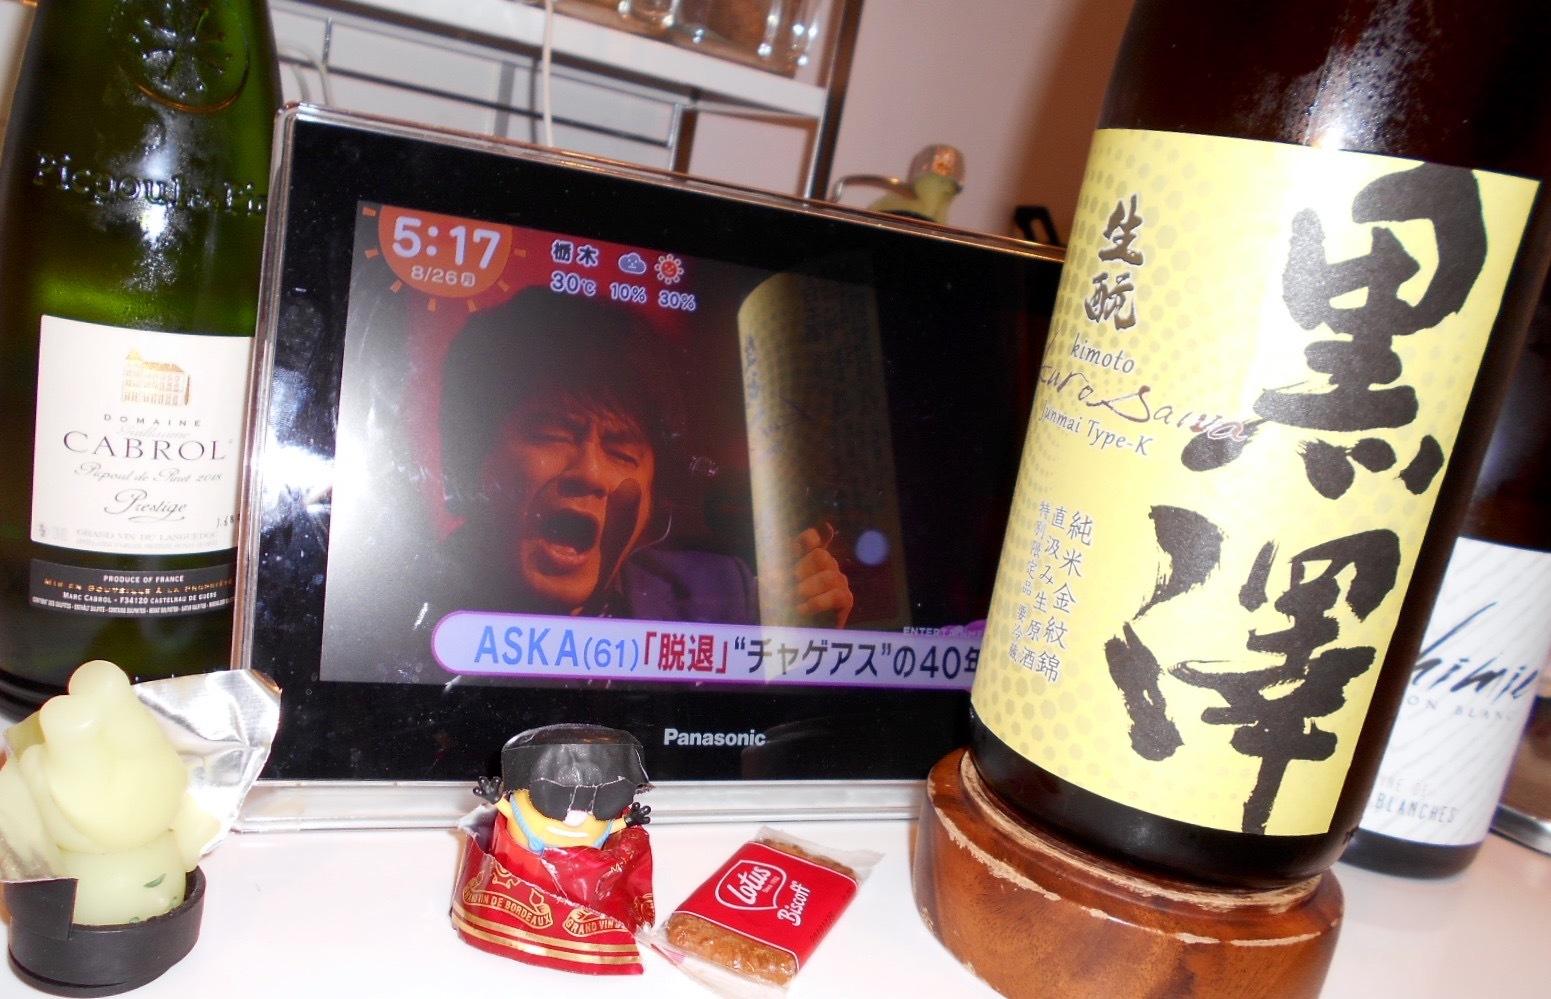 kurosawa_type-k30by4_1.jpg